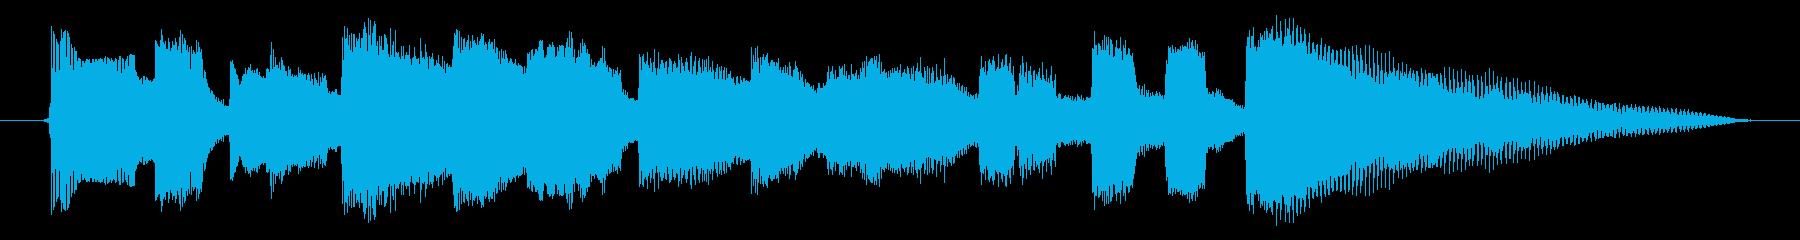 海外ドラマ風 エレキギター ポップの再生済みの波形